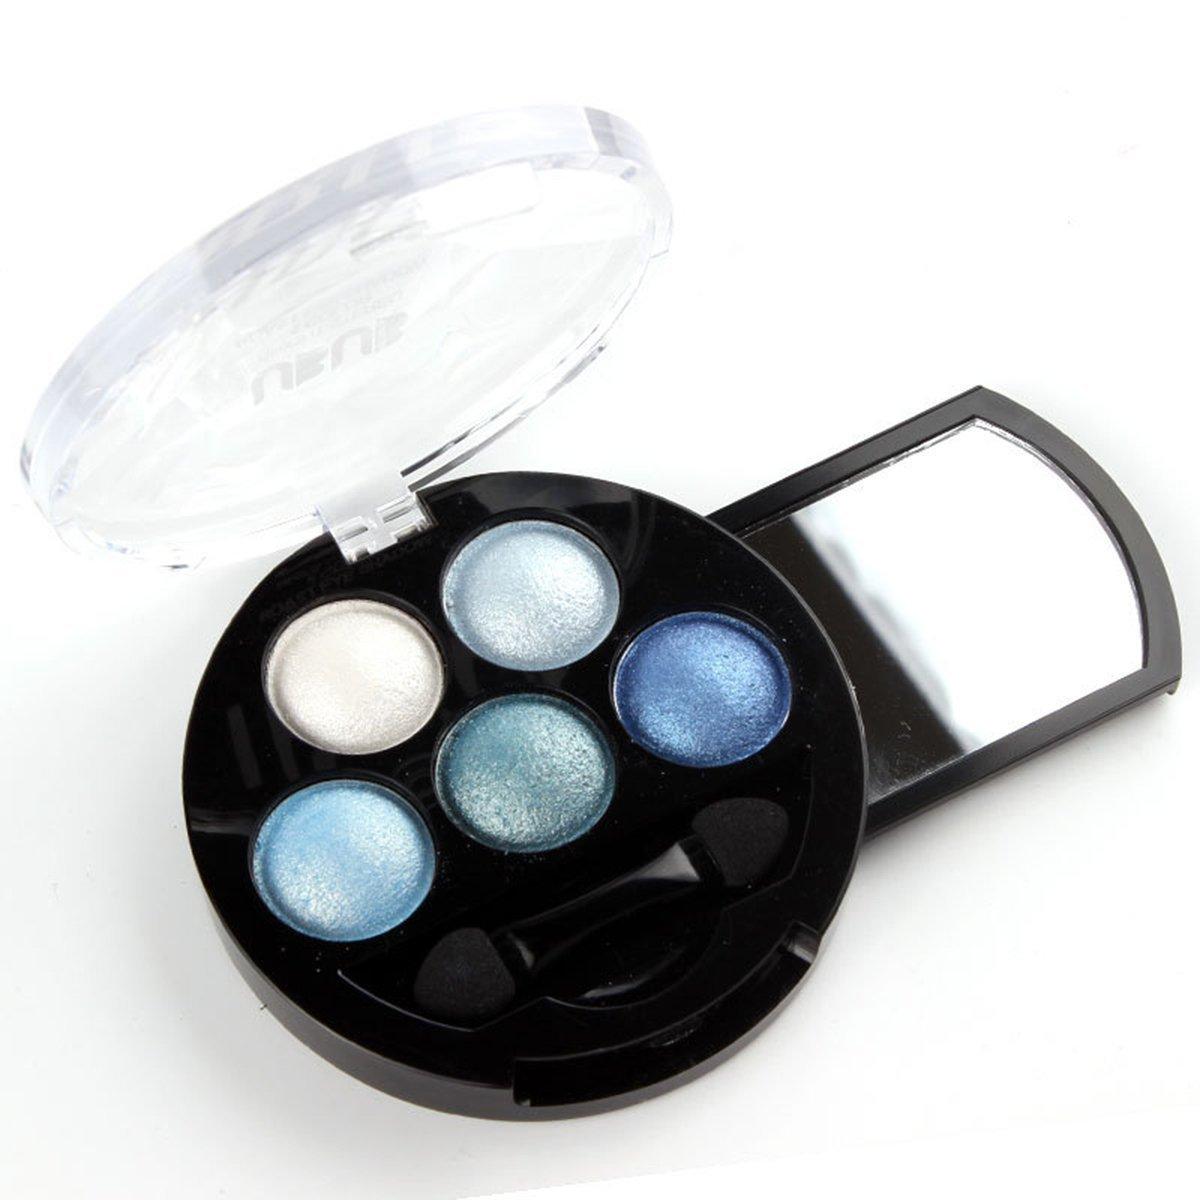 (Blue) - HugeStore 5 Colours Glitter Eyeshadow Eye Shadow Powder Palette Shimmer Metallic Blue B01MYW5EGO ブルー